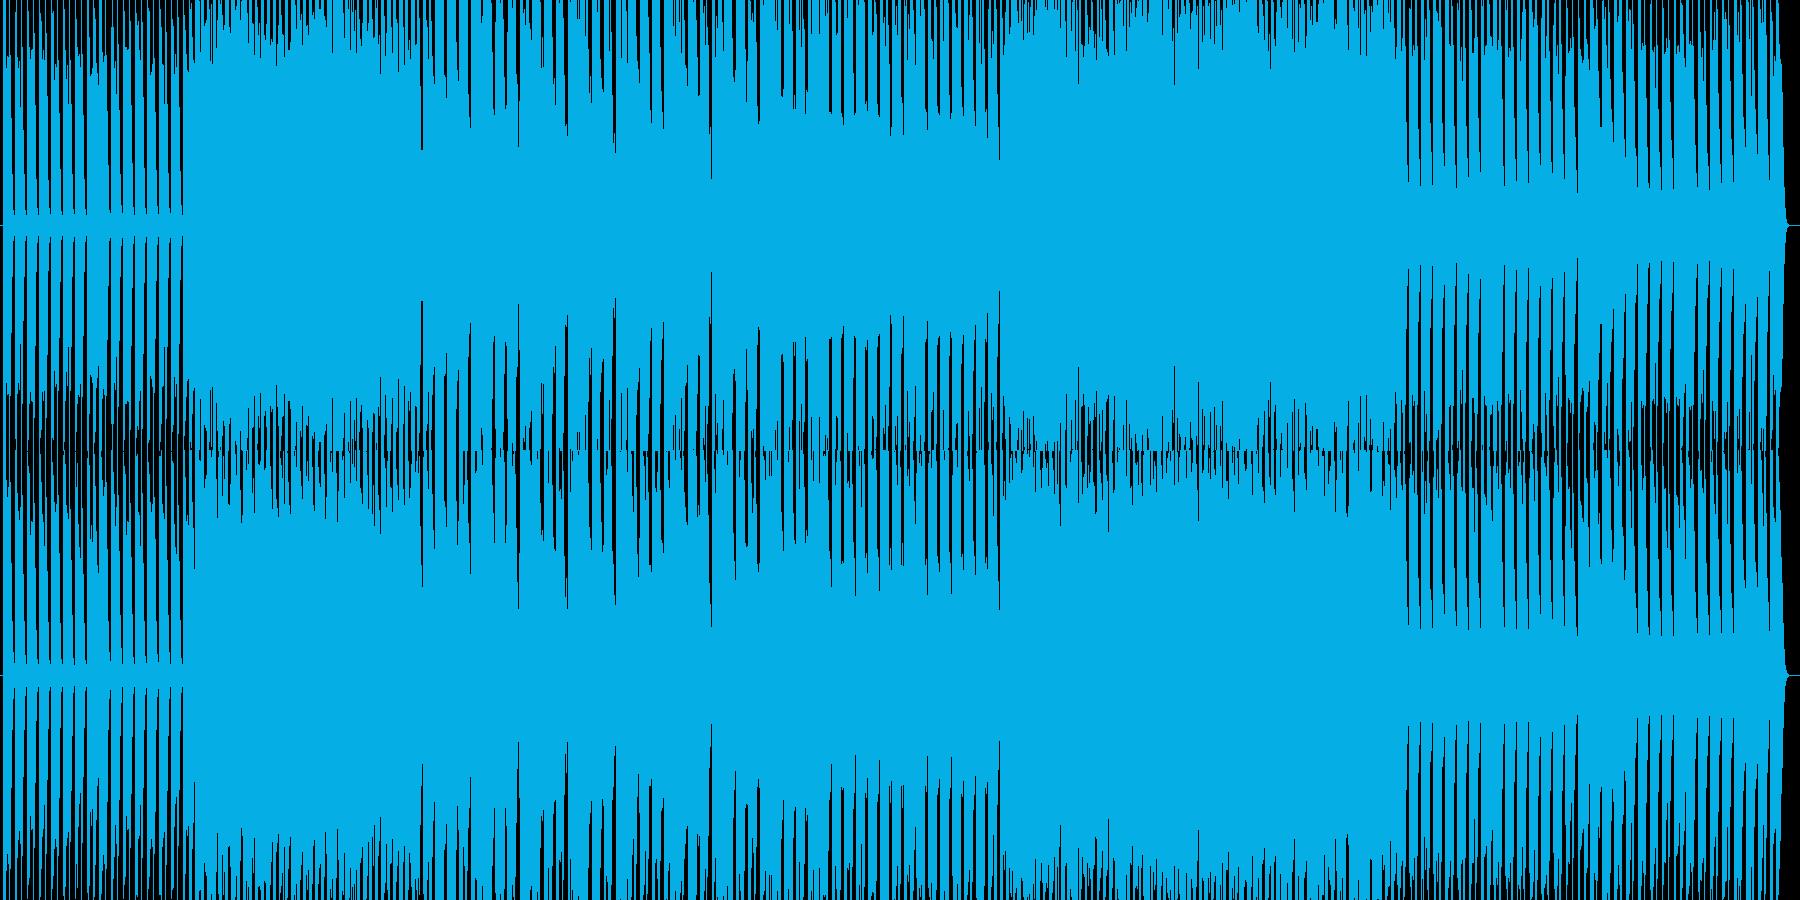 ピアノハウス+綺麗なヴァイオリンソロの再生済みの波形